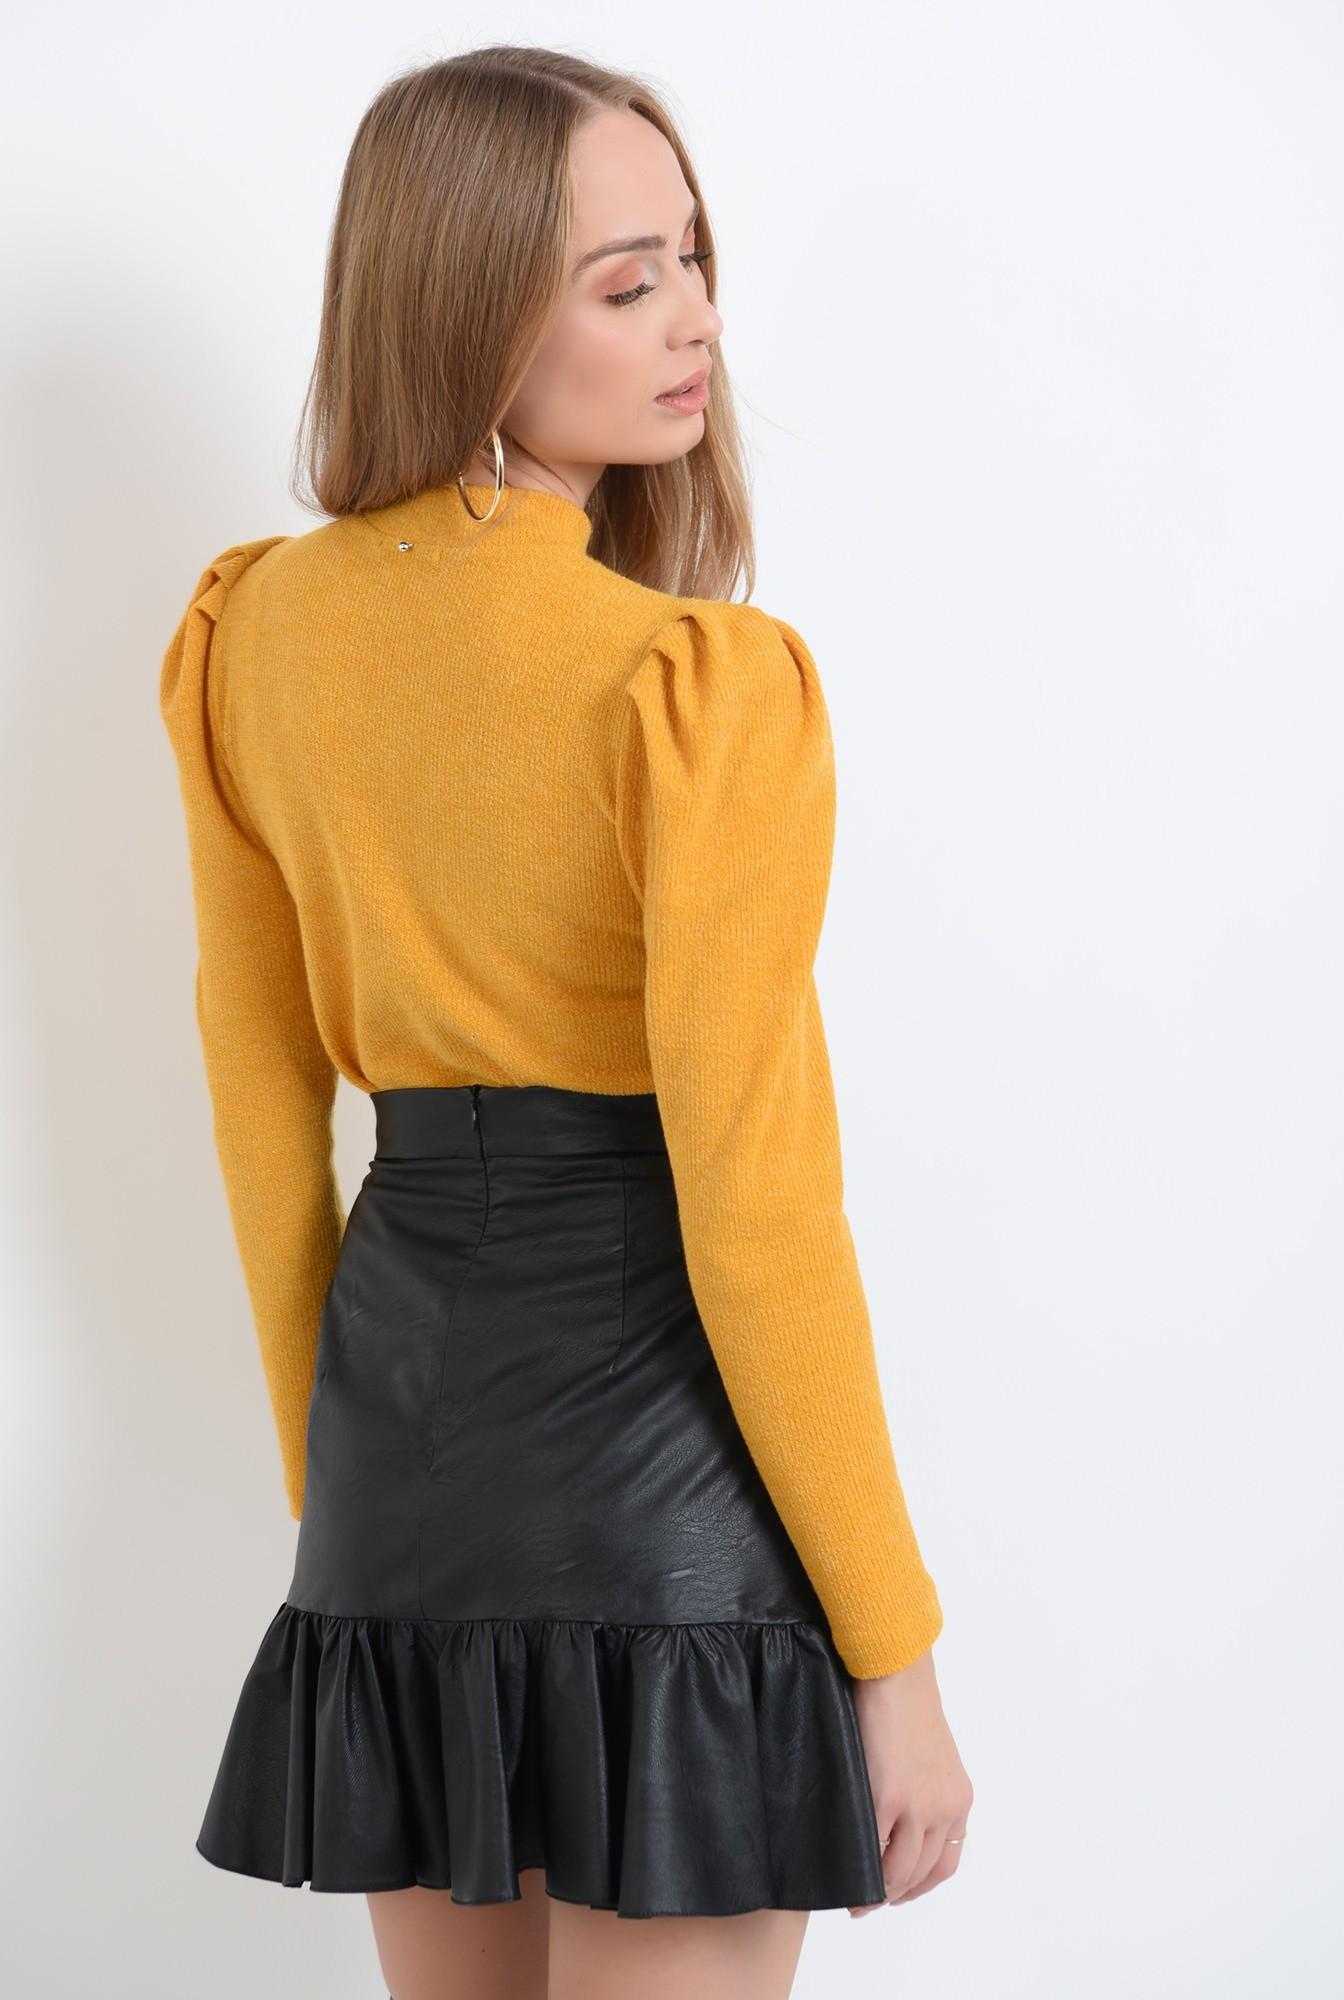 1 - pulover mustar, casual, cu guler, cu umeri accentuati